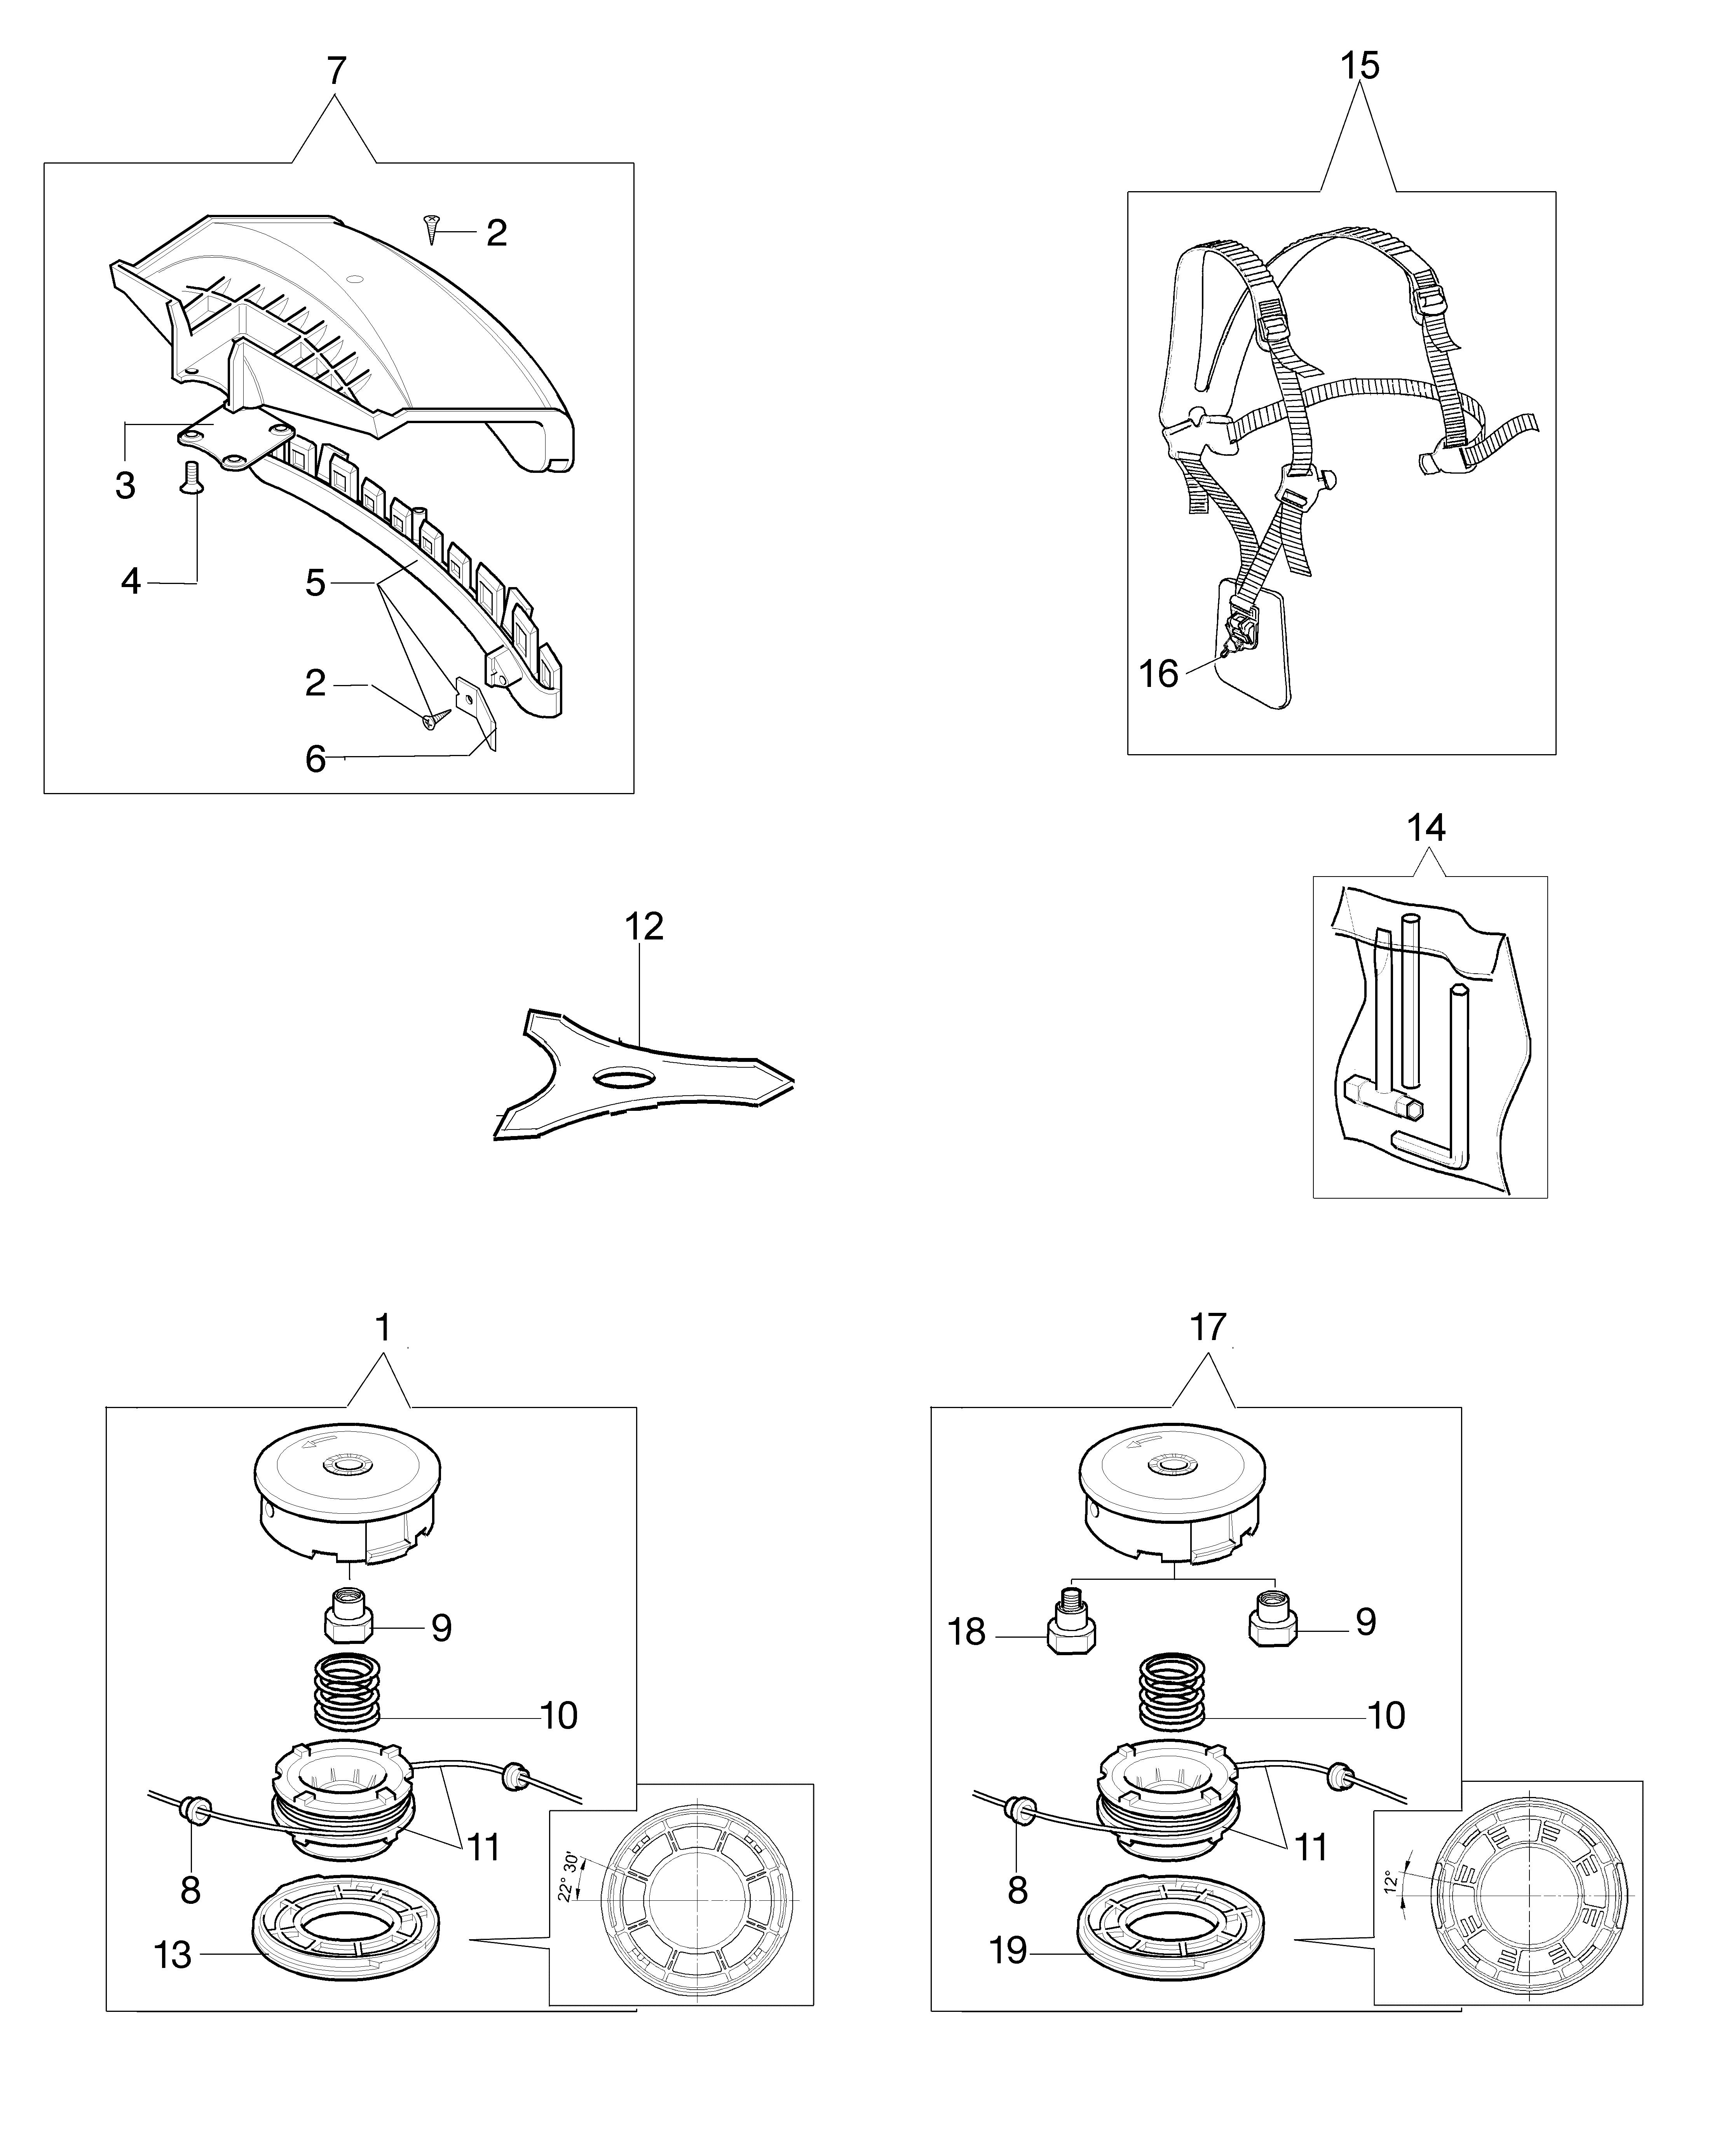 BC 380 T oleomac Dessins pièces vue éclatée Accessoires